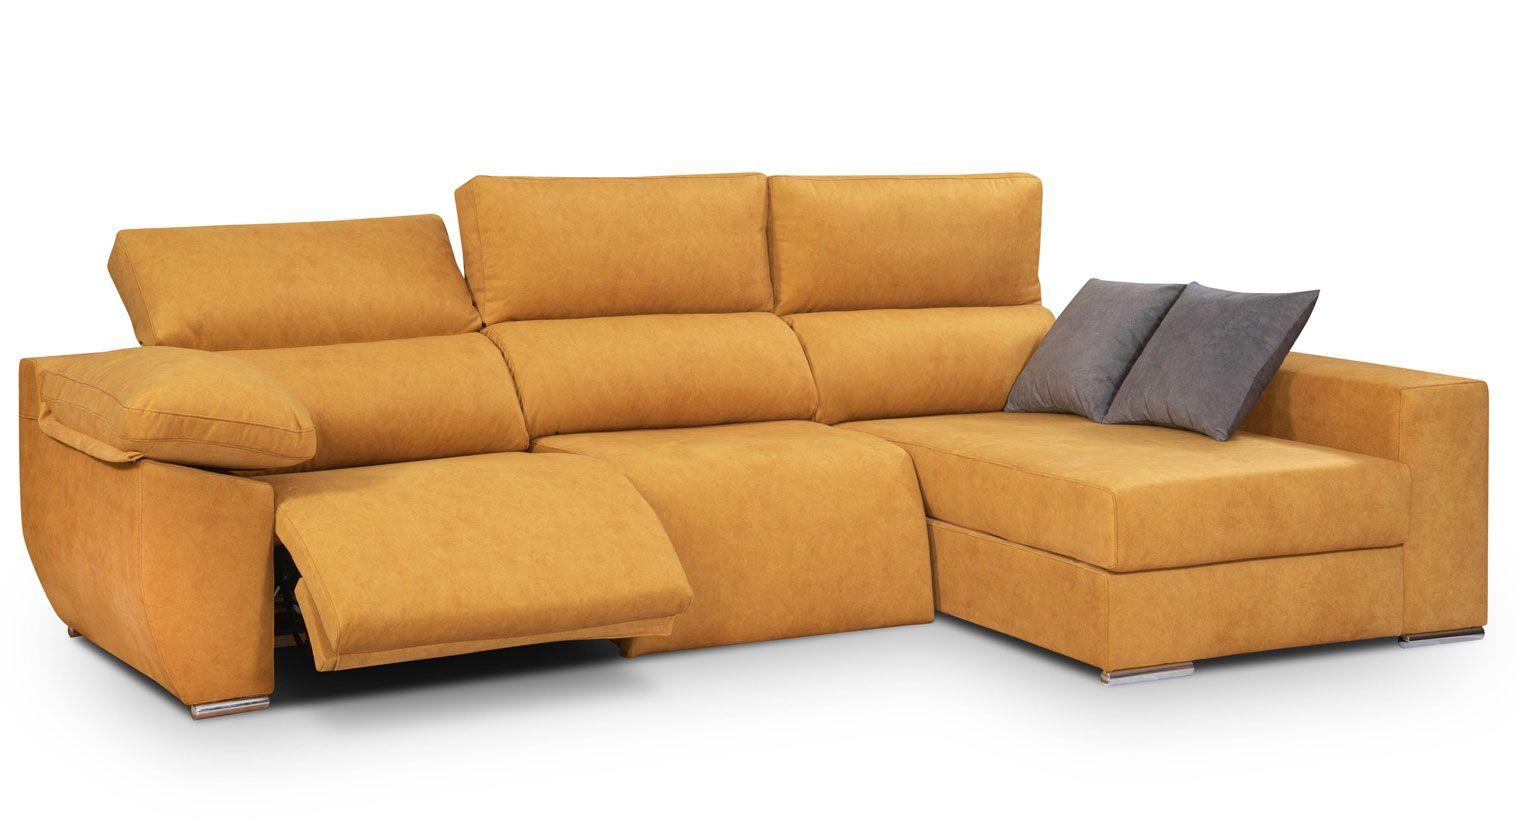 Tapizar chaise longue precio finest sof chaise longue - Cuanto cuesta tapizar un sillon ...